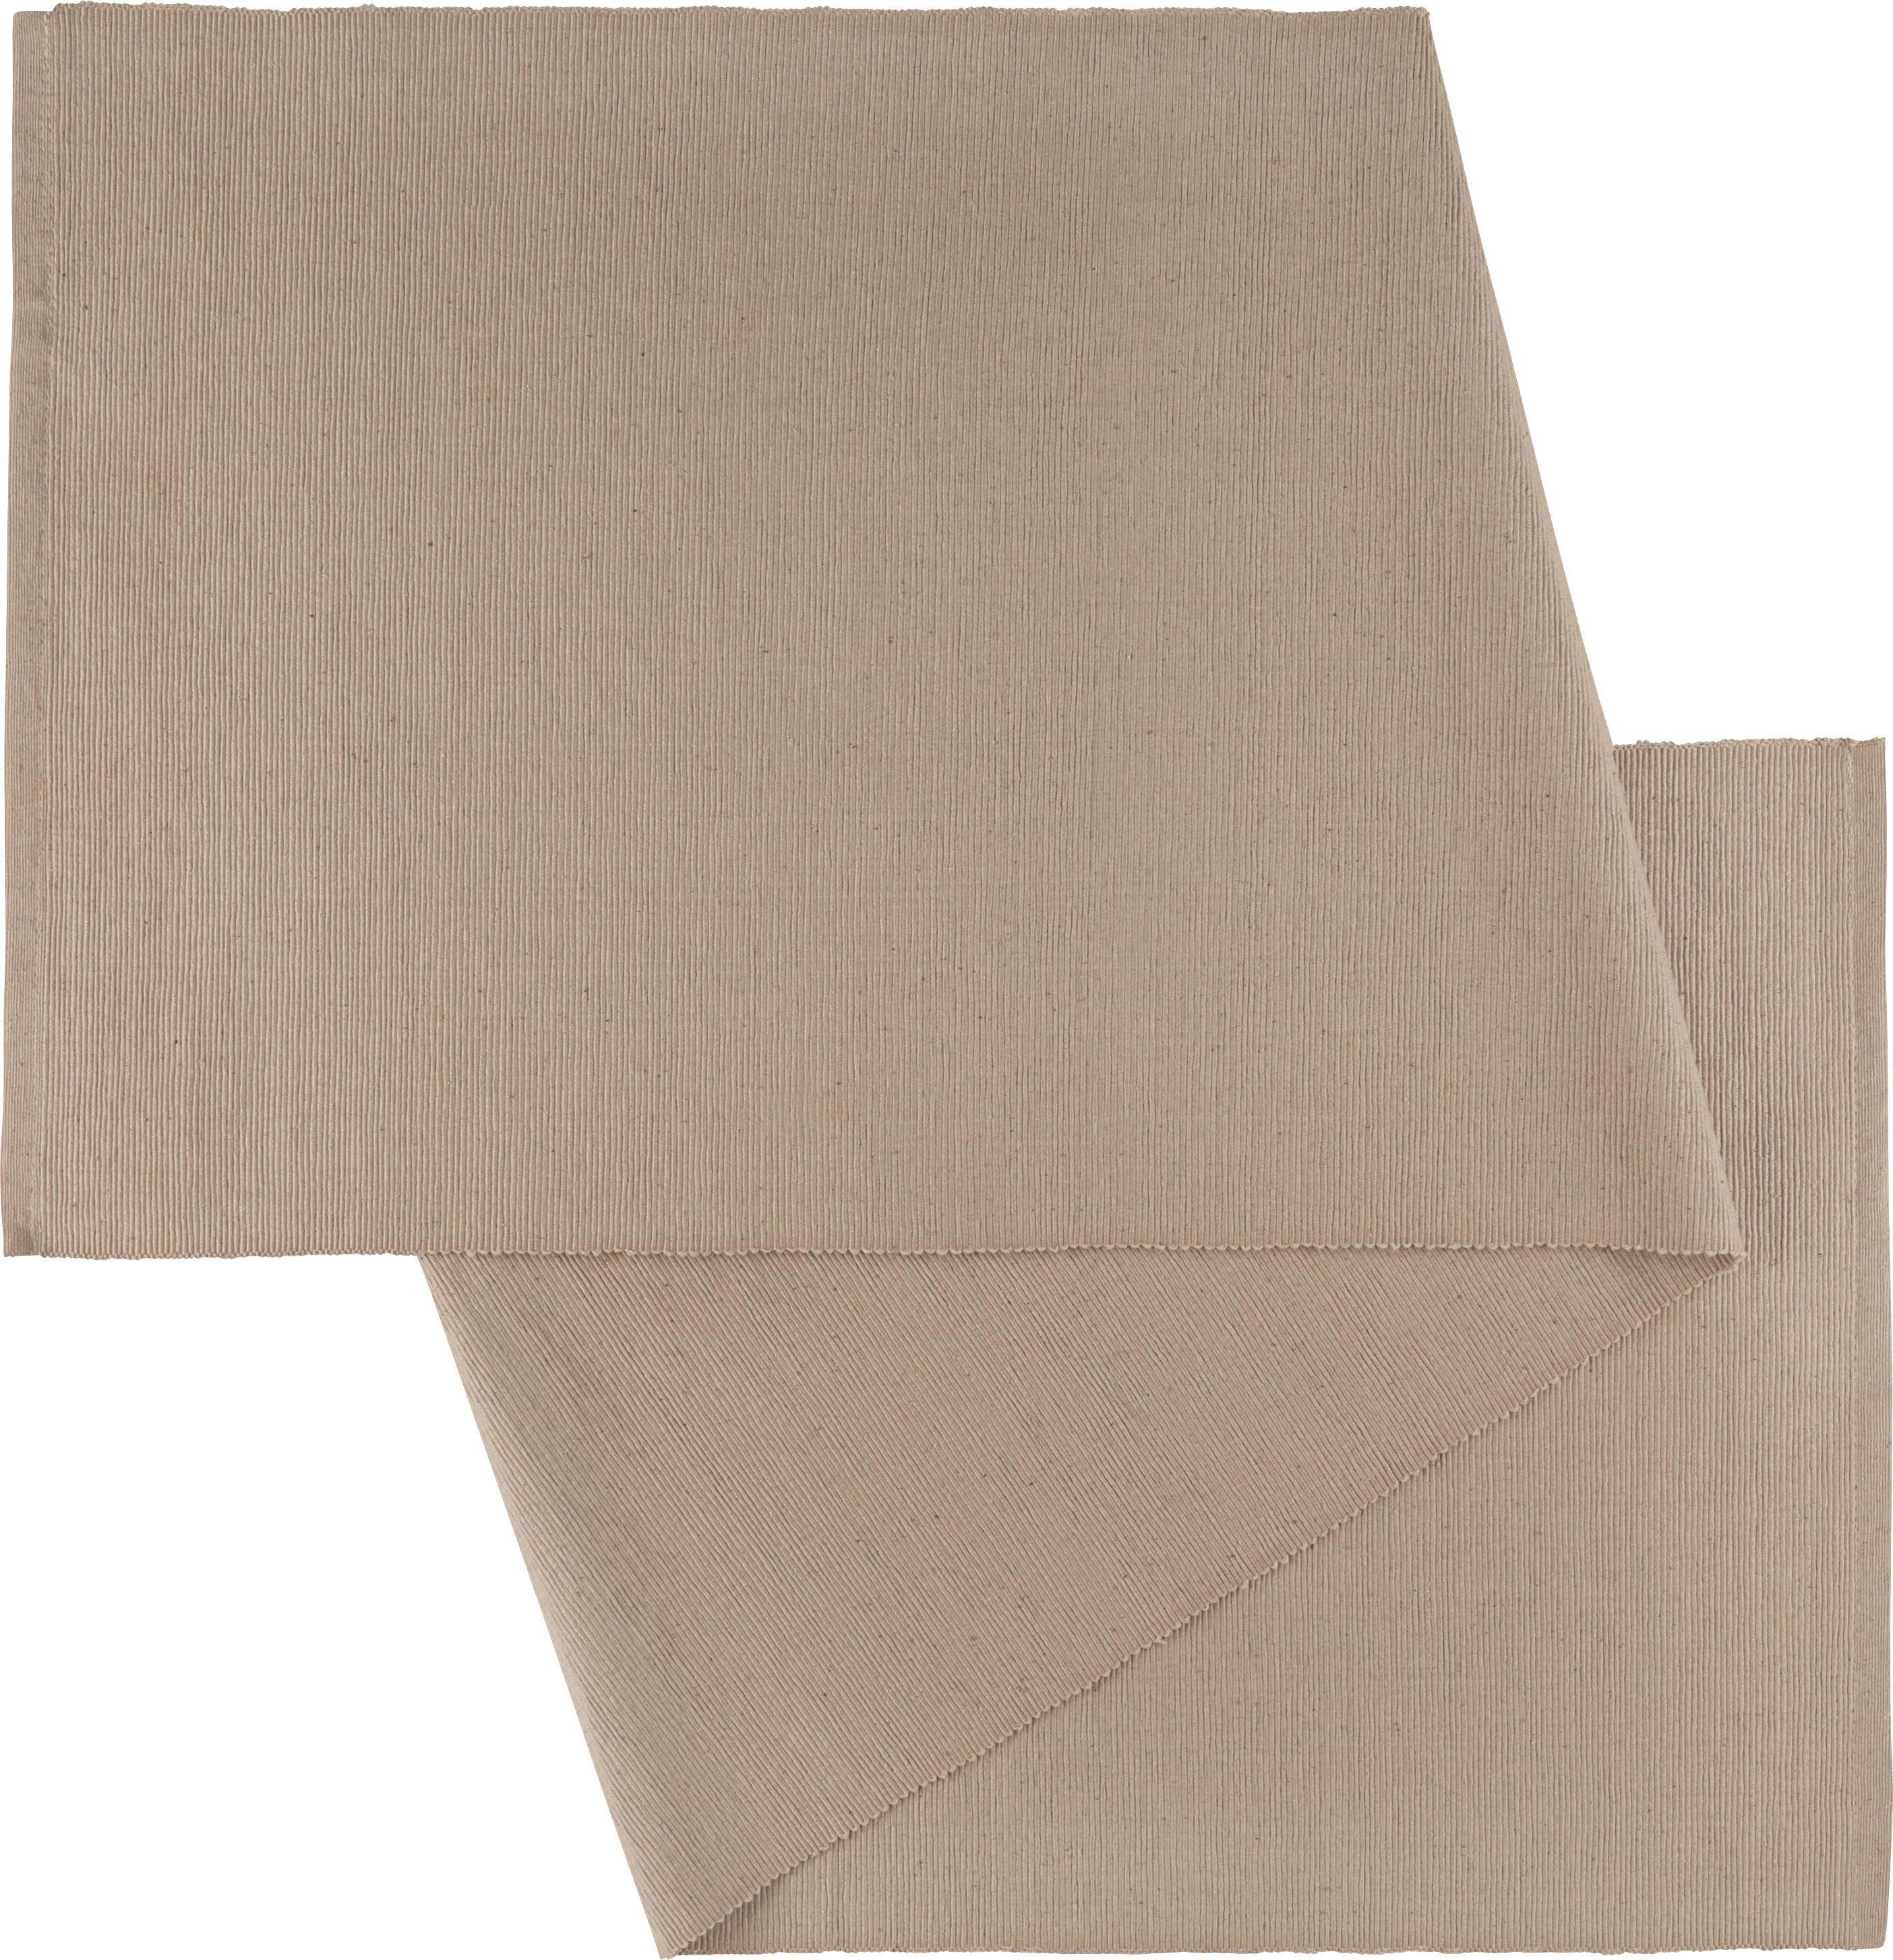 Asztali Futó Maren - szürke, textil (40X/150cm) - MÖMAX modern living